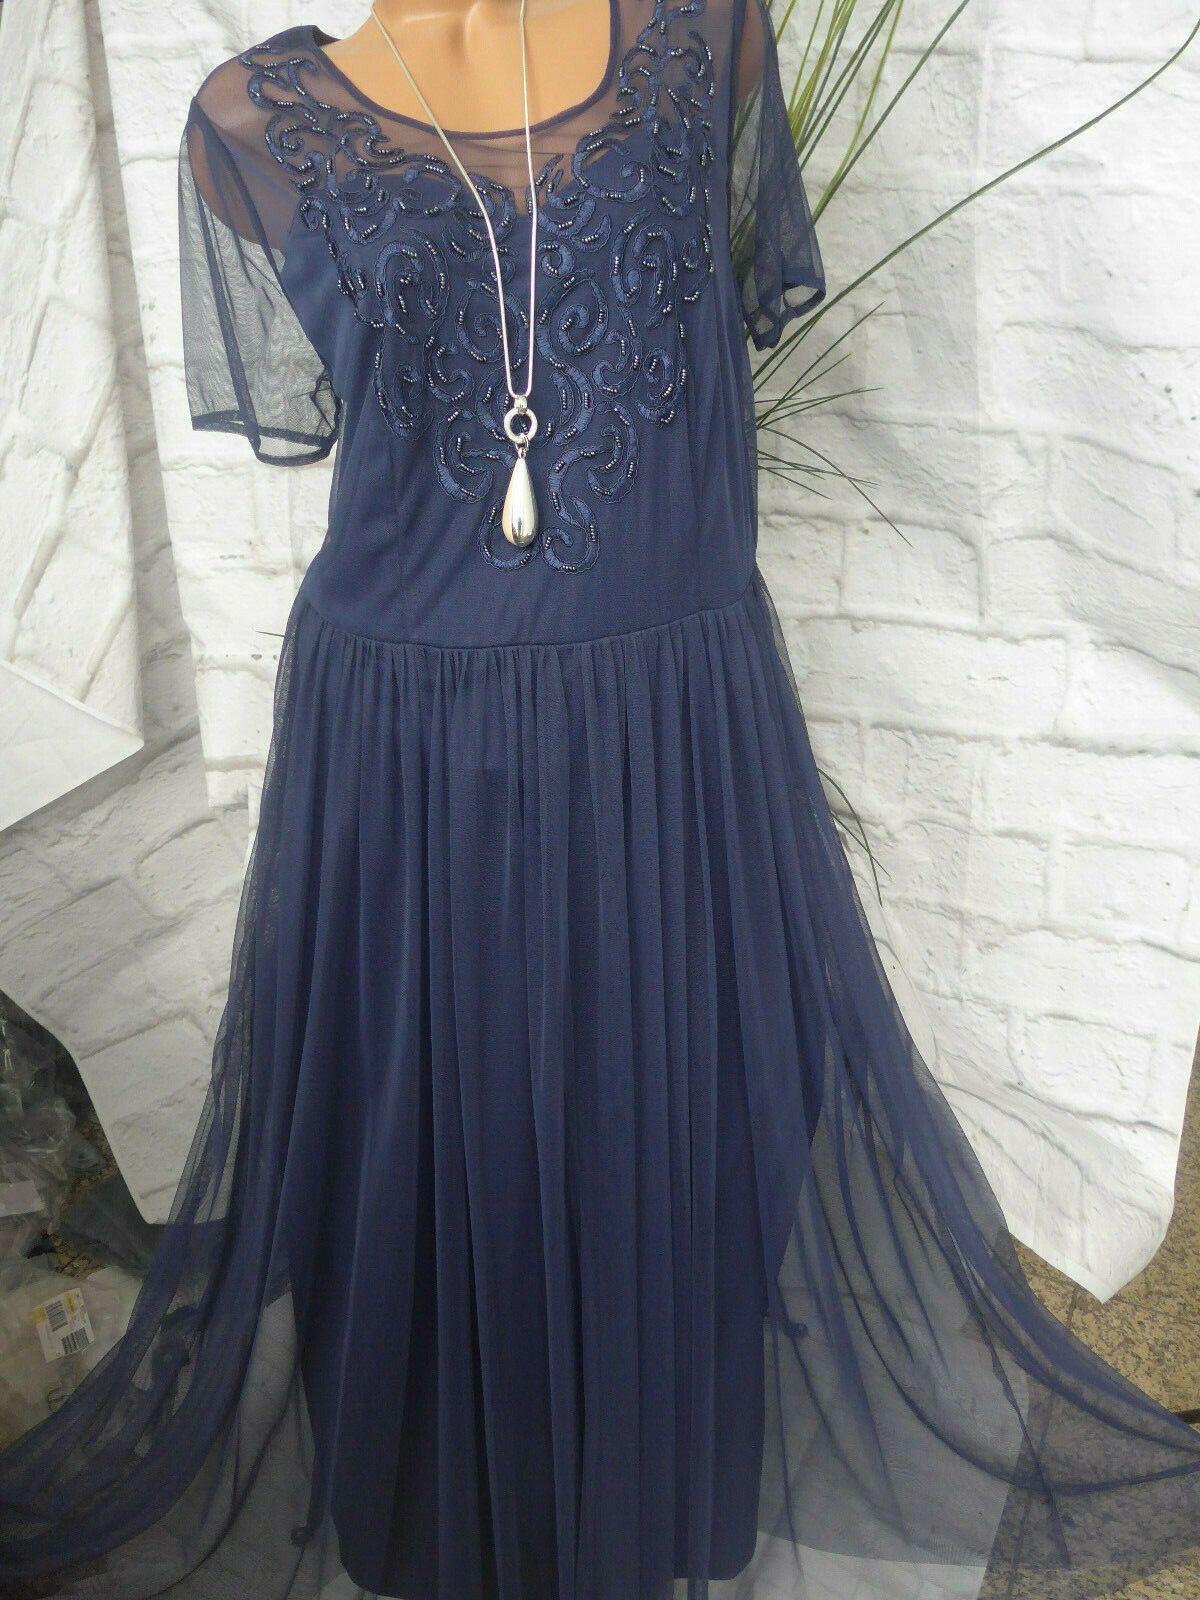 Sheego Eventkleid Abendkleid Kleid Maxi Gr. 19 bis 19 Blau mit